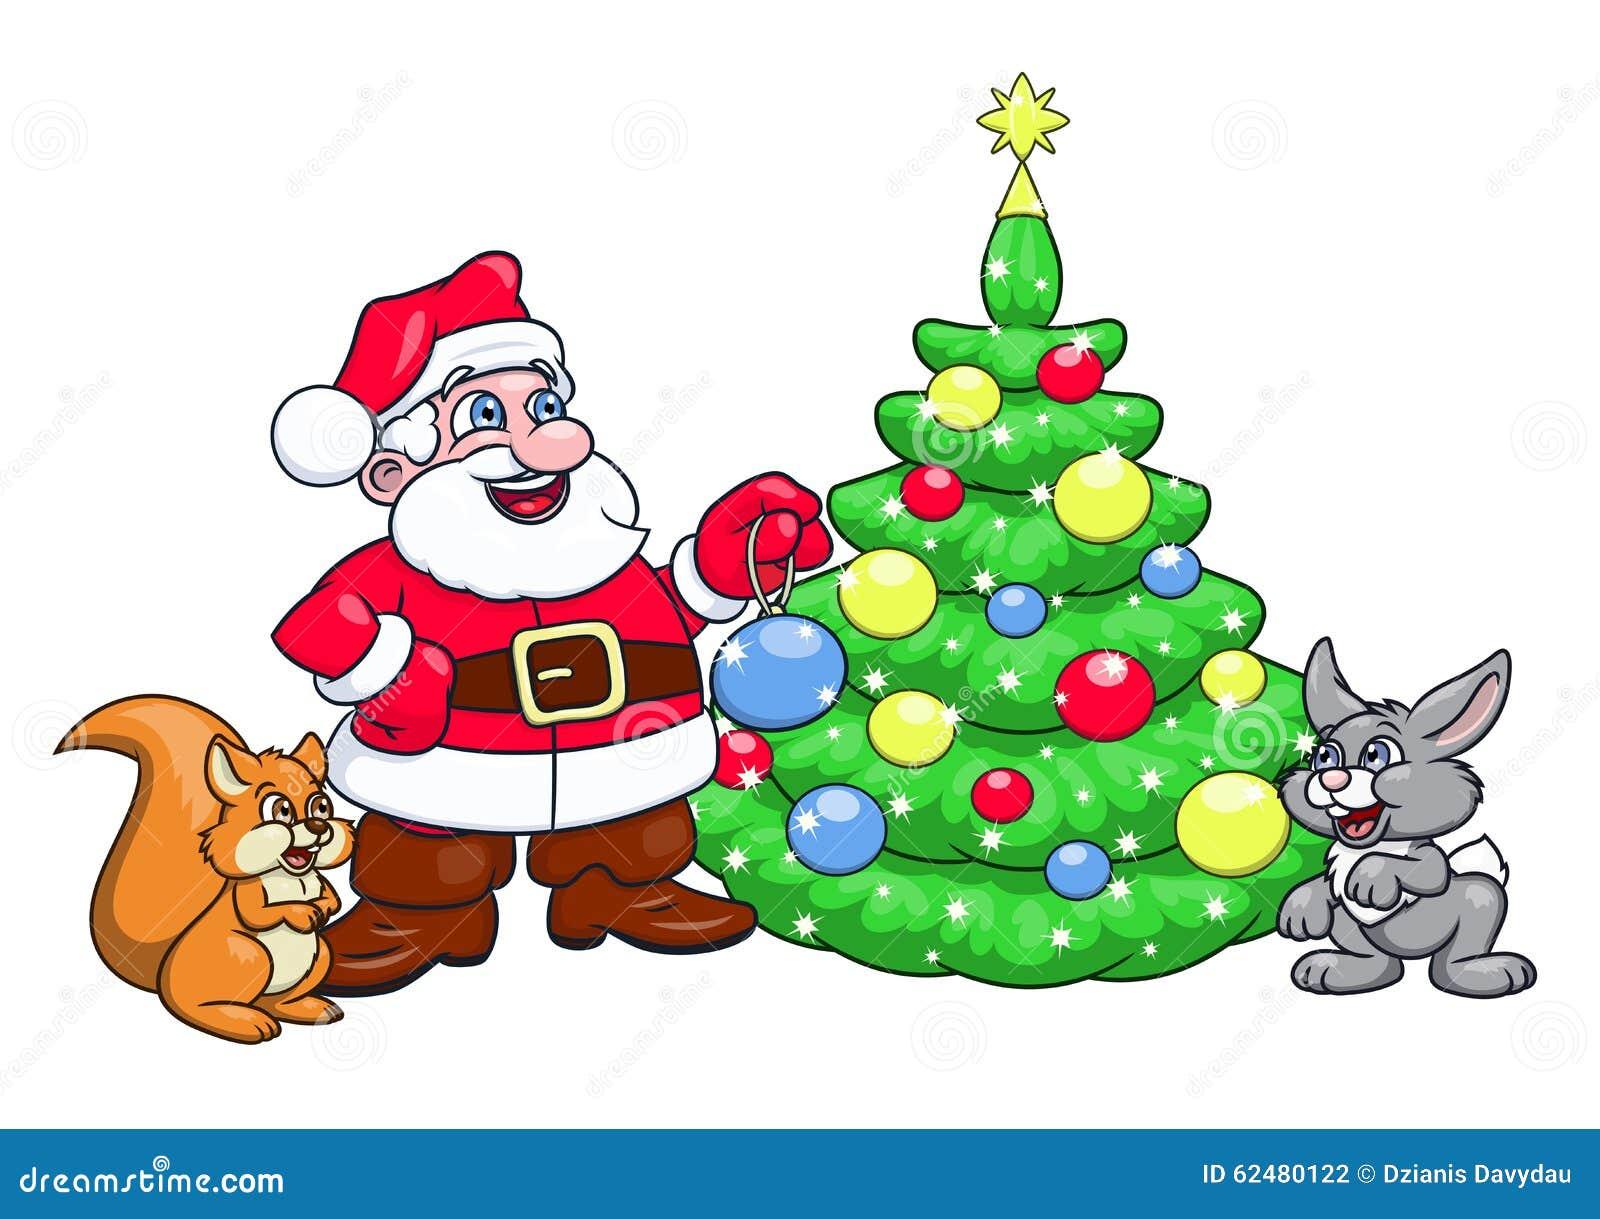 sankt die weihnachtsbaum 3 verziert vektor abbildung. Black Bedroom Furniture Sets. Home Design Ideas